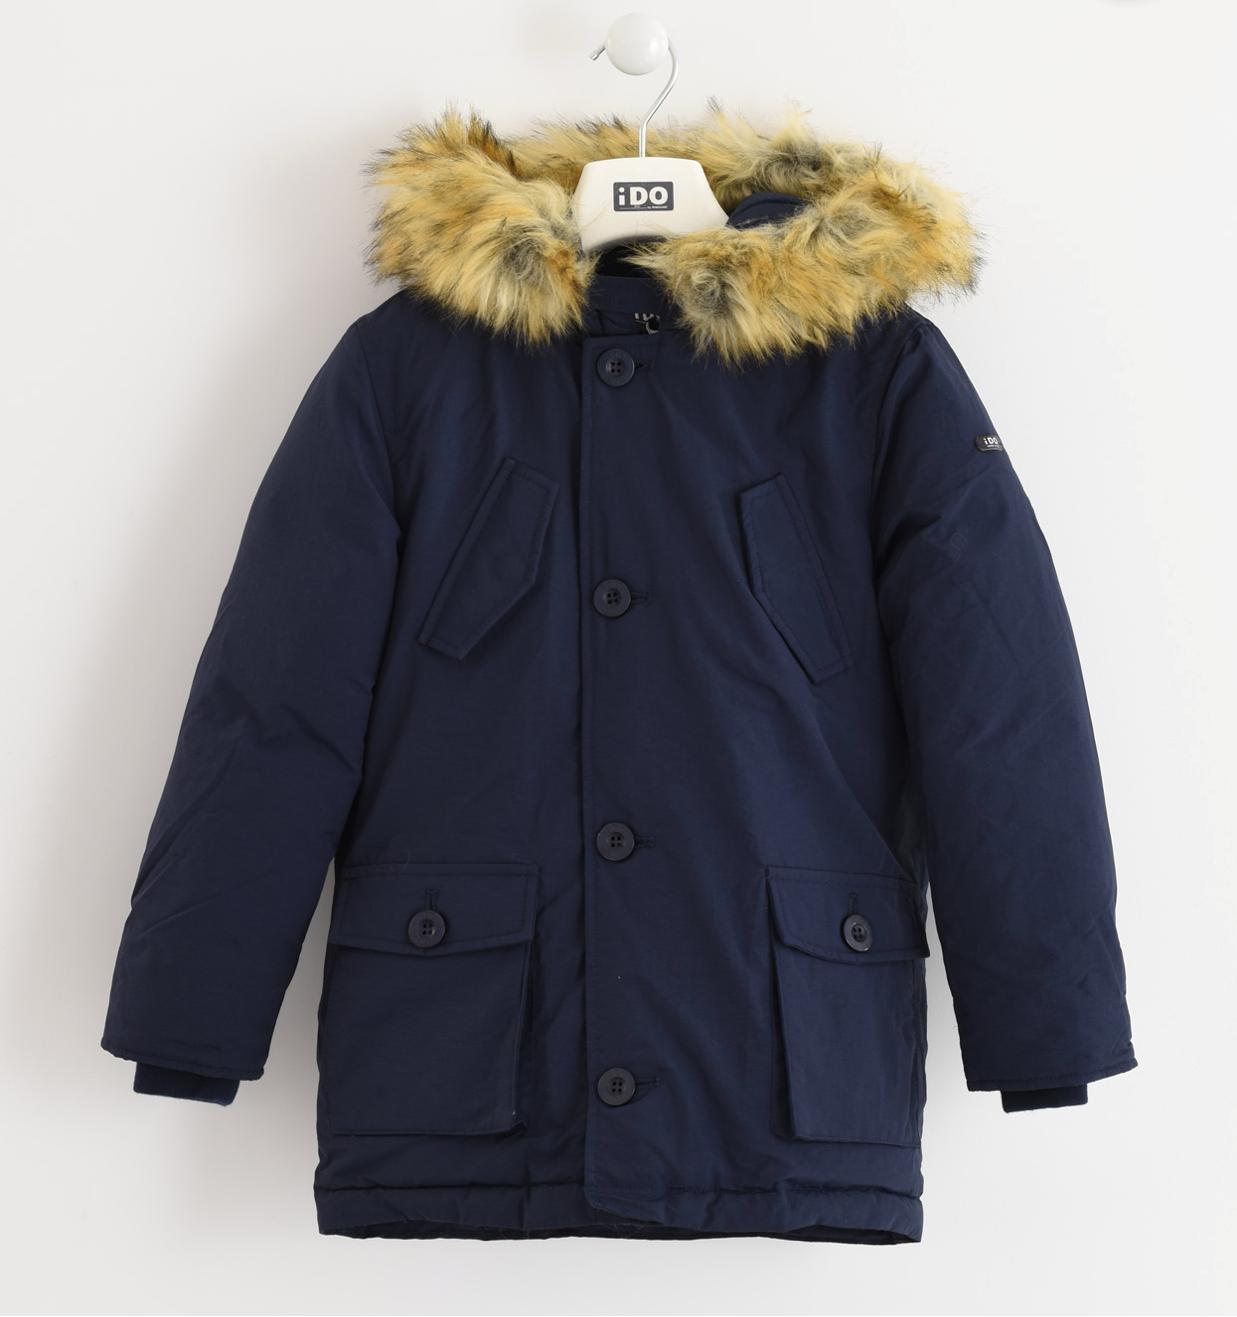 parka kék kabát levehető szőrmével